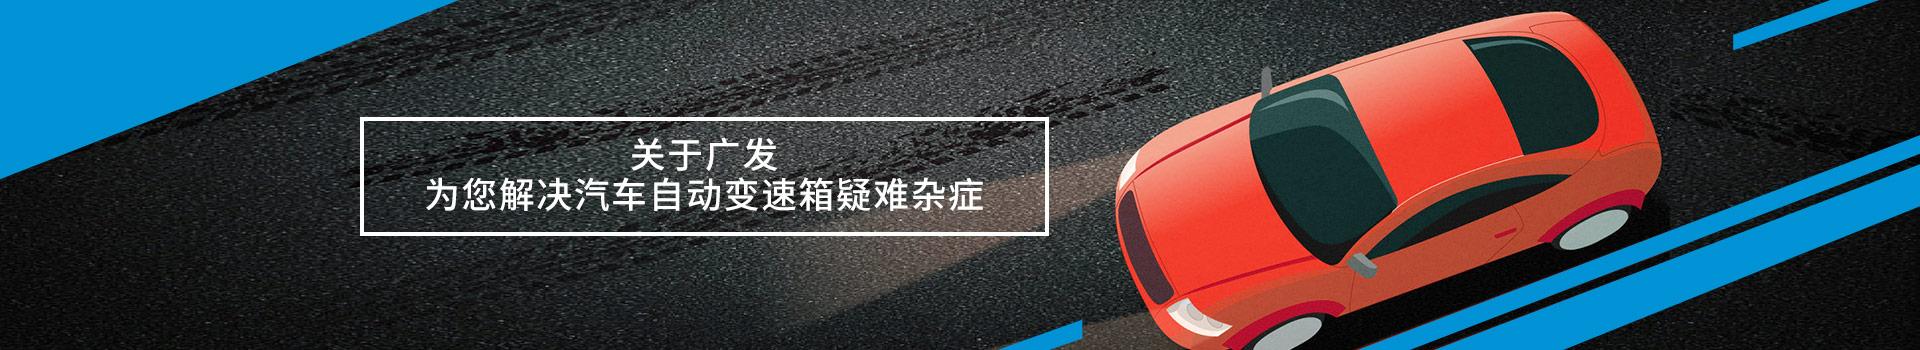 关于广发,为您解决汽车自动变速箱疑难杂症